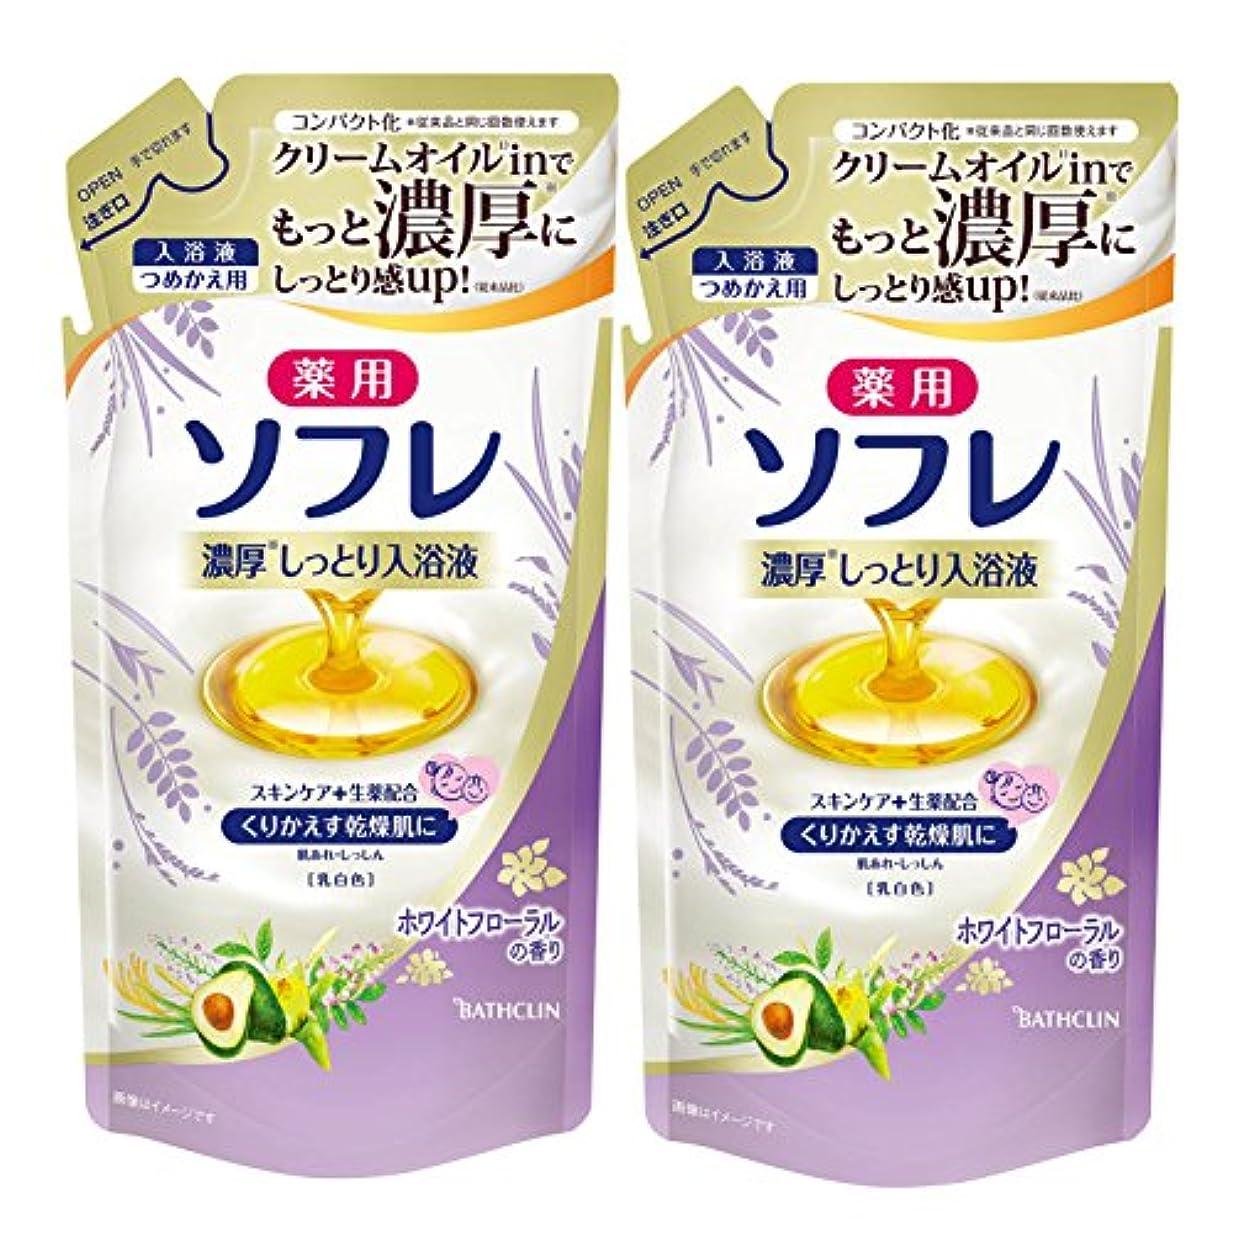 長々とほうき犠牲【セット品】薬用ソフレ 濃厚しっとり入浴液 ホワイトフローラルの香り つめかえ用 400mL (医薬部外品) 2個セット